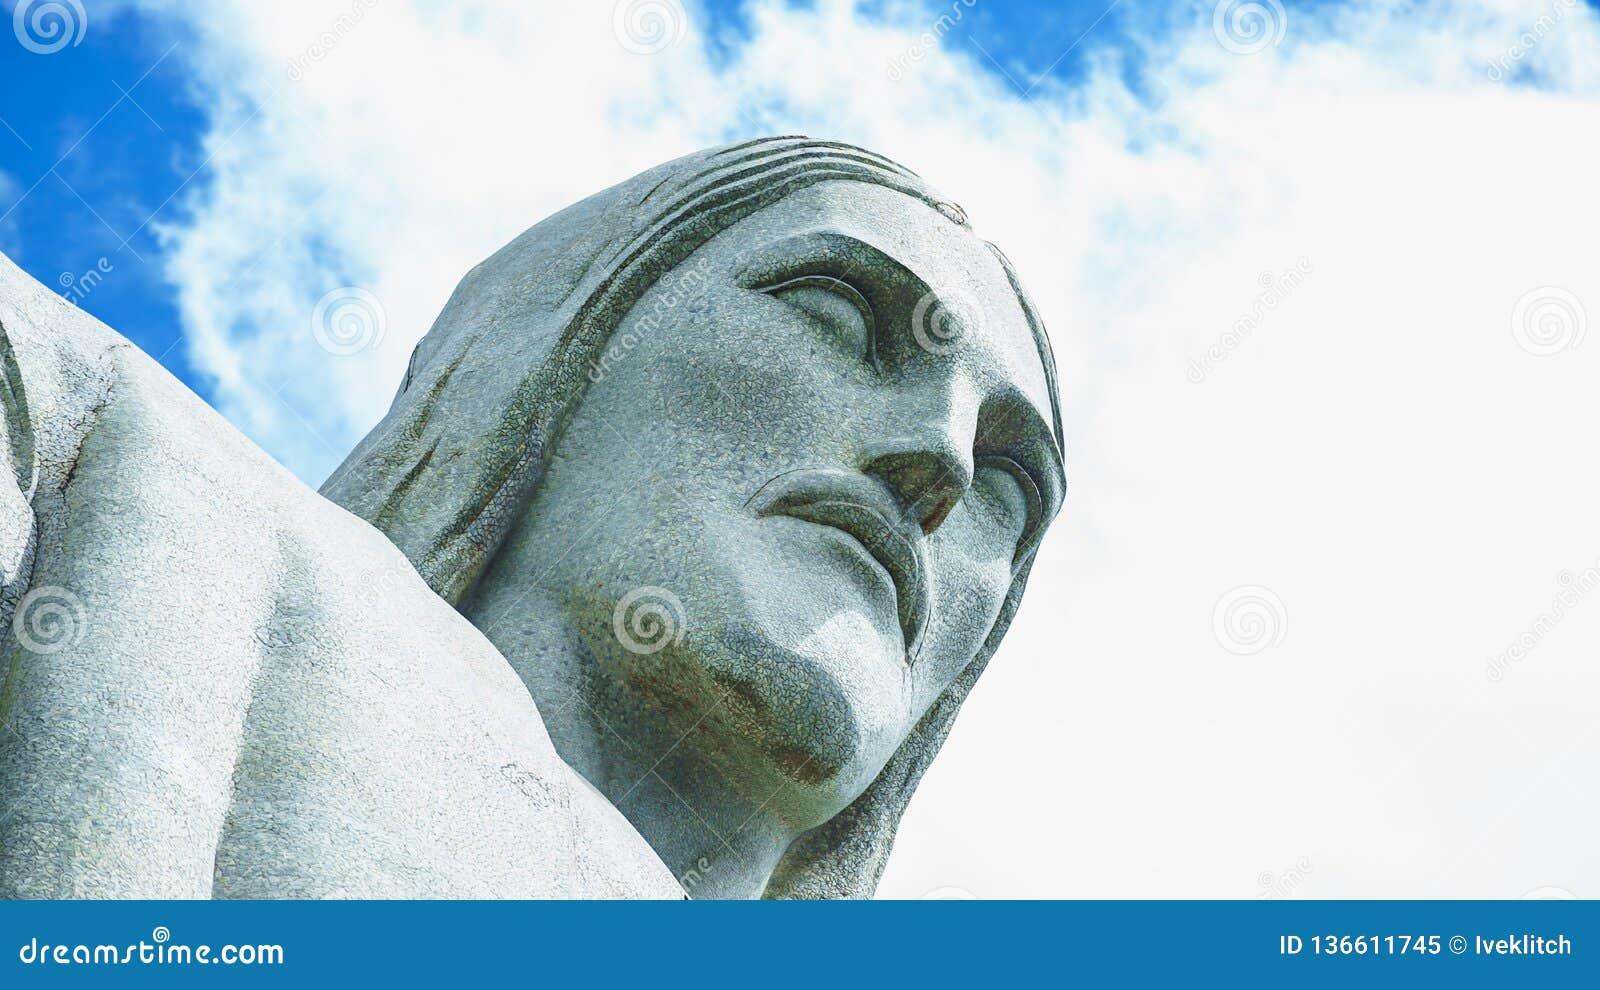 Berühmter Christus der Erlöser in Rio de Janeiro, Brasilien Gesicht von Christus der Erlöser